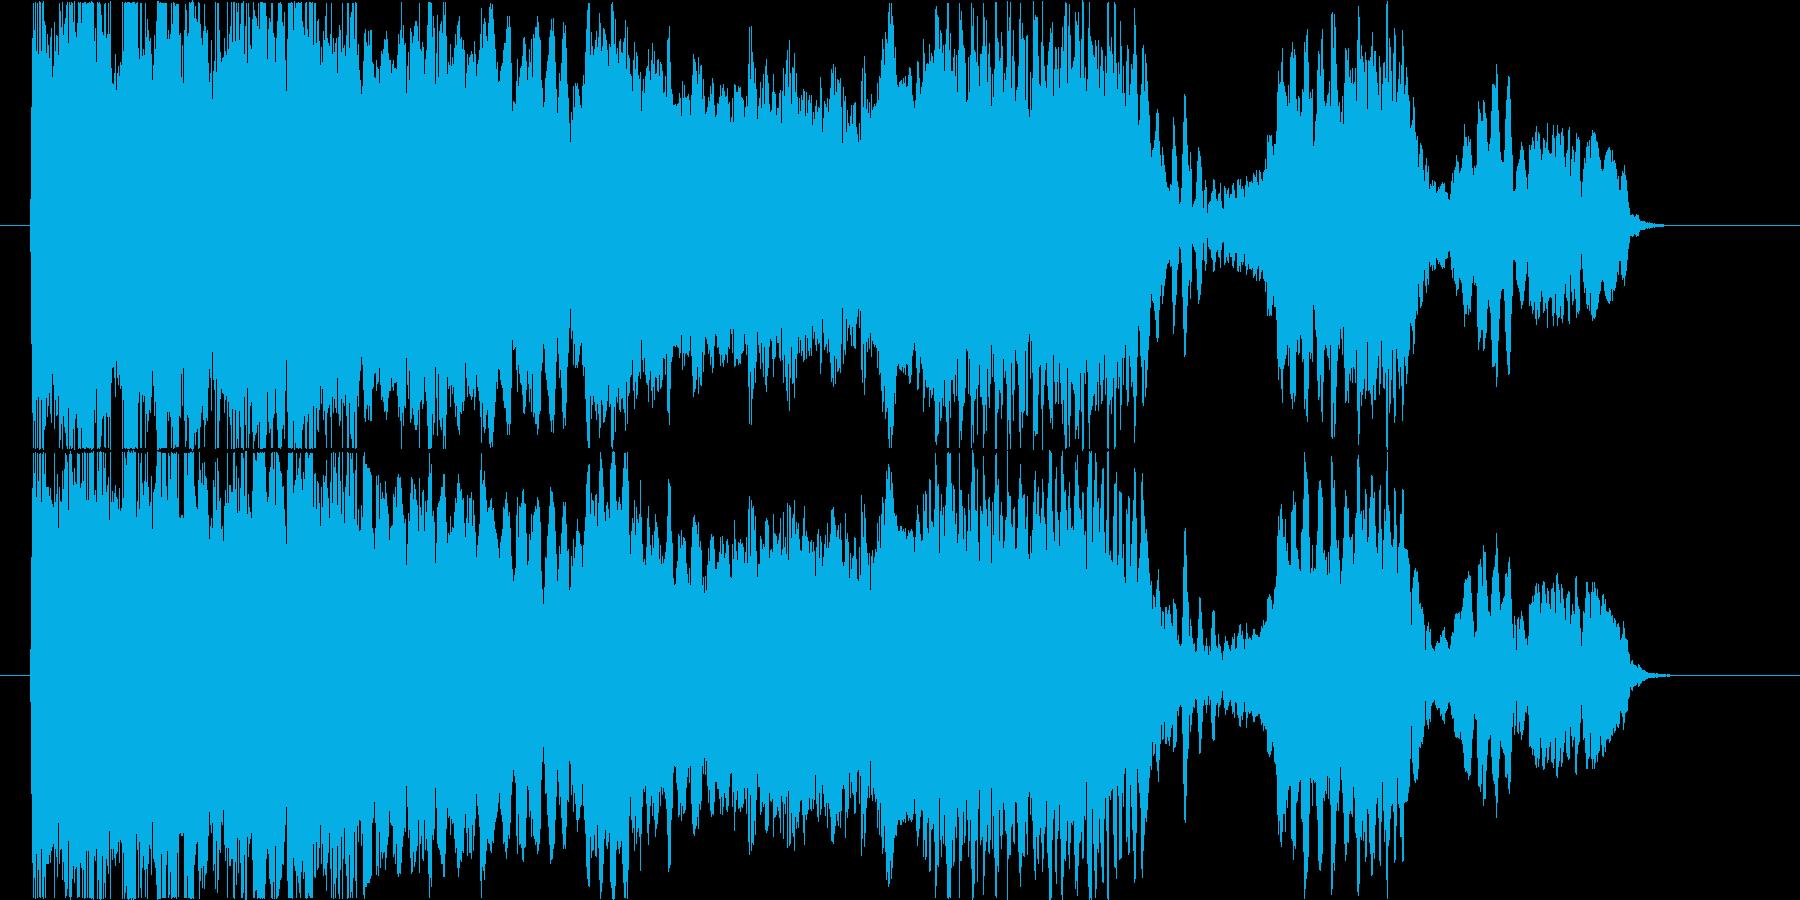 エレキギターのフィードバック音コードA#の再生済みの波形